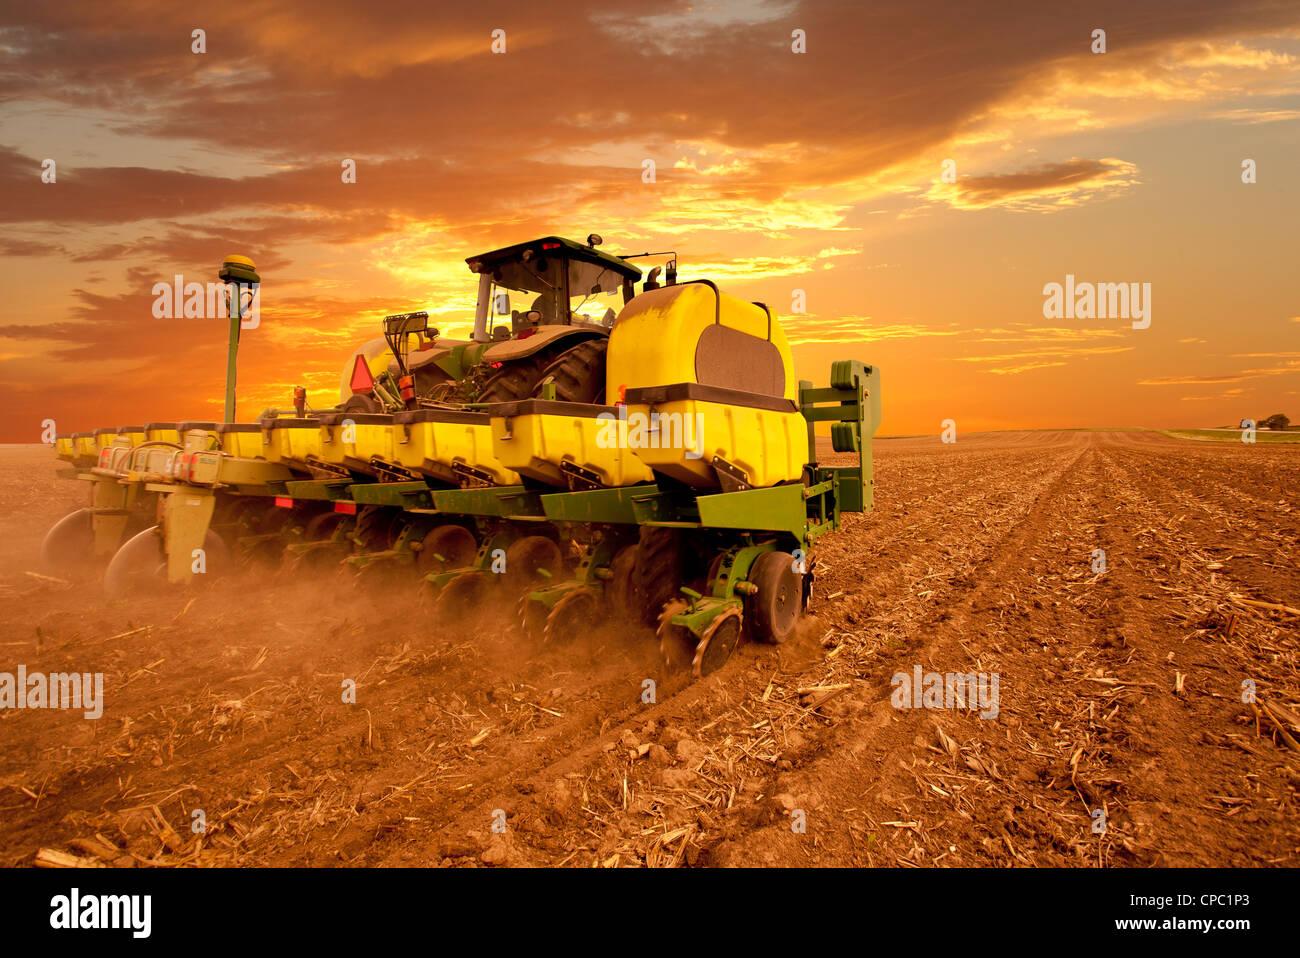 Plantación de maíz Imagen De Stock